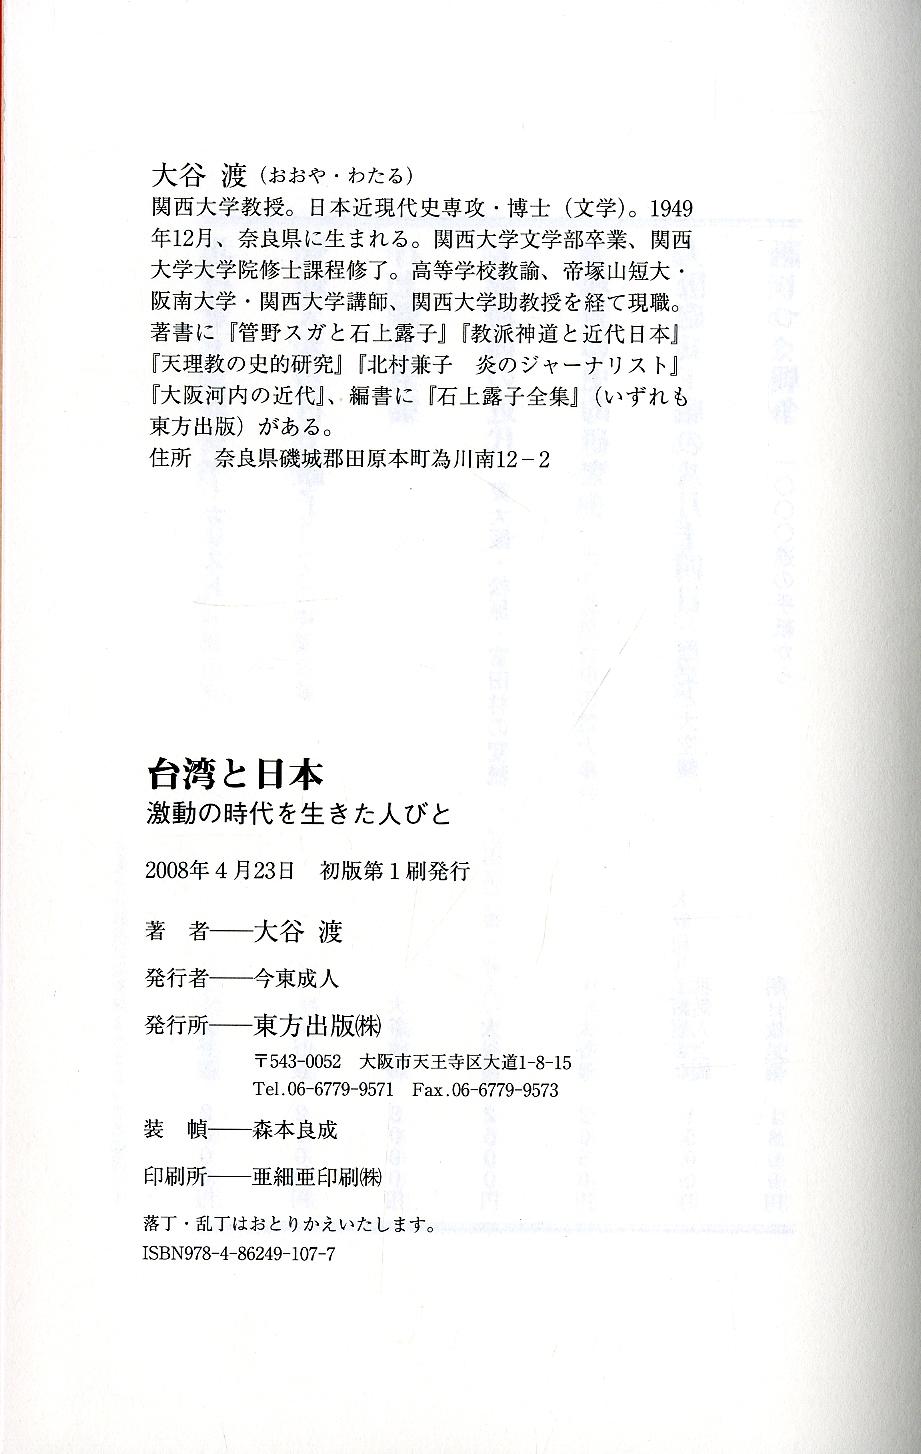 圖4:《台灣と日本》版權頁